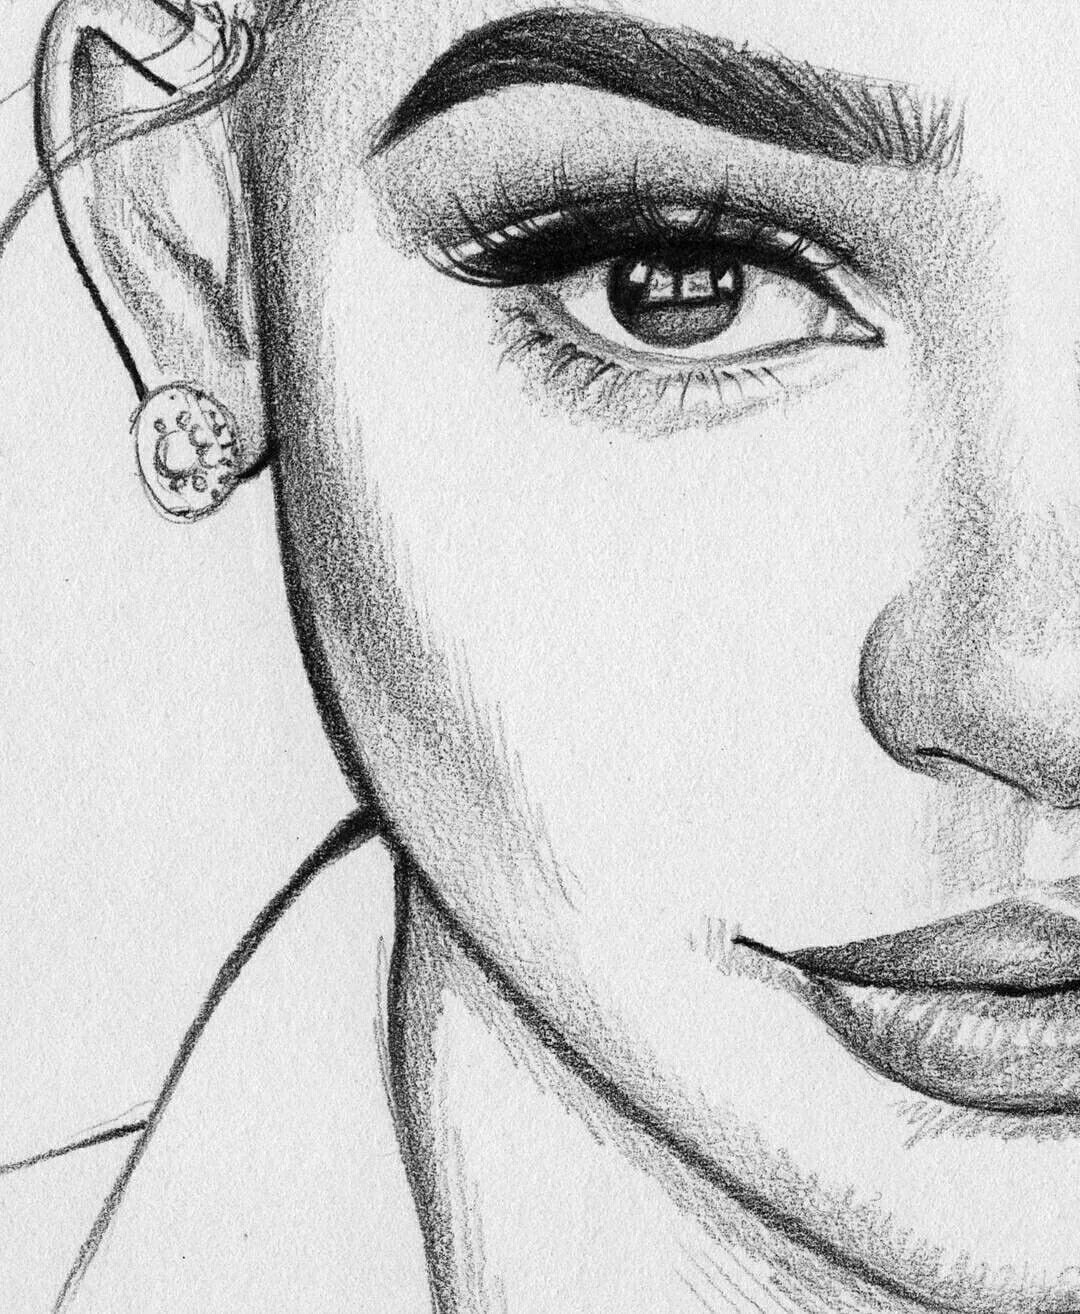 Картинка для срисовывания карандашом девушки